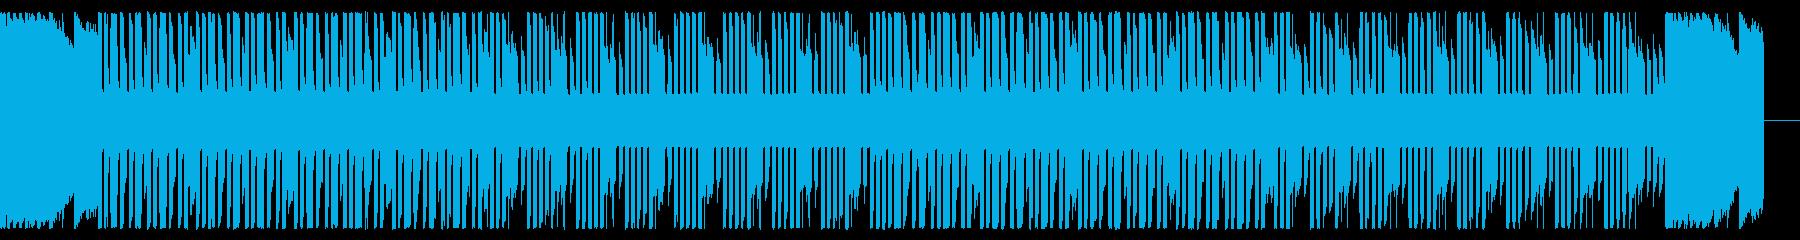 楽しいウキウキ チップチューン 8bitの再生済みの波形